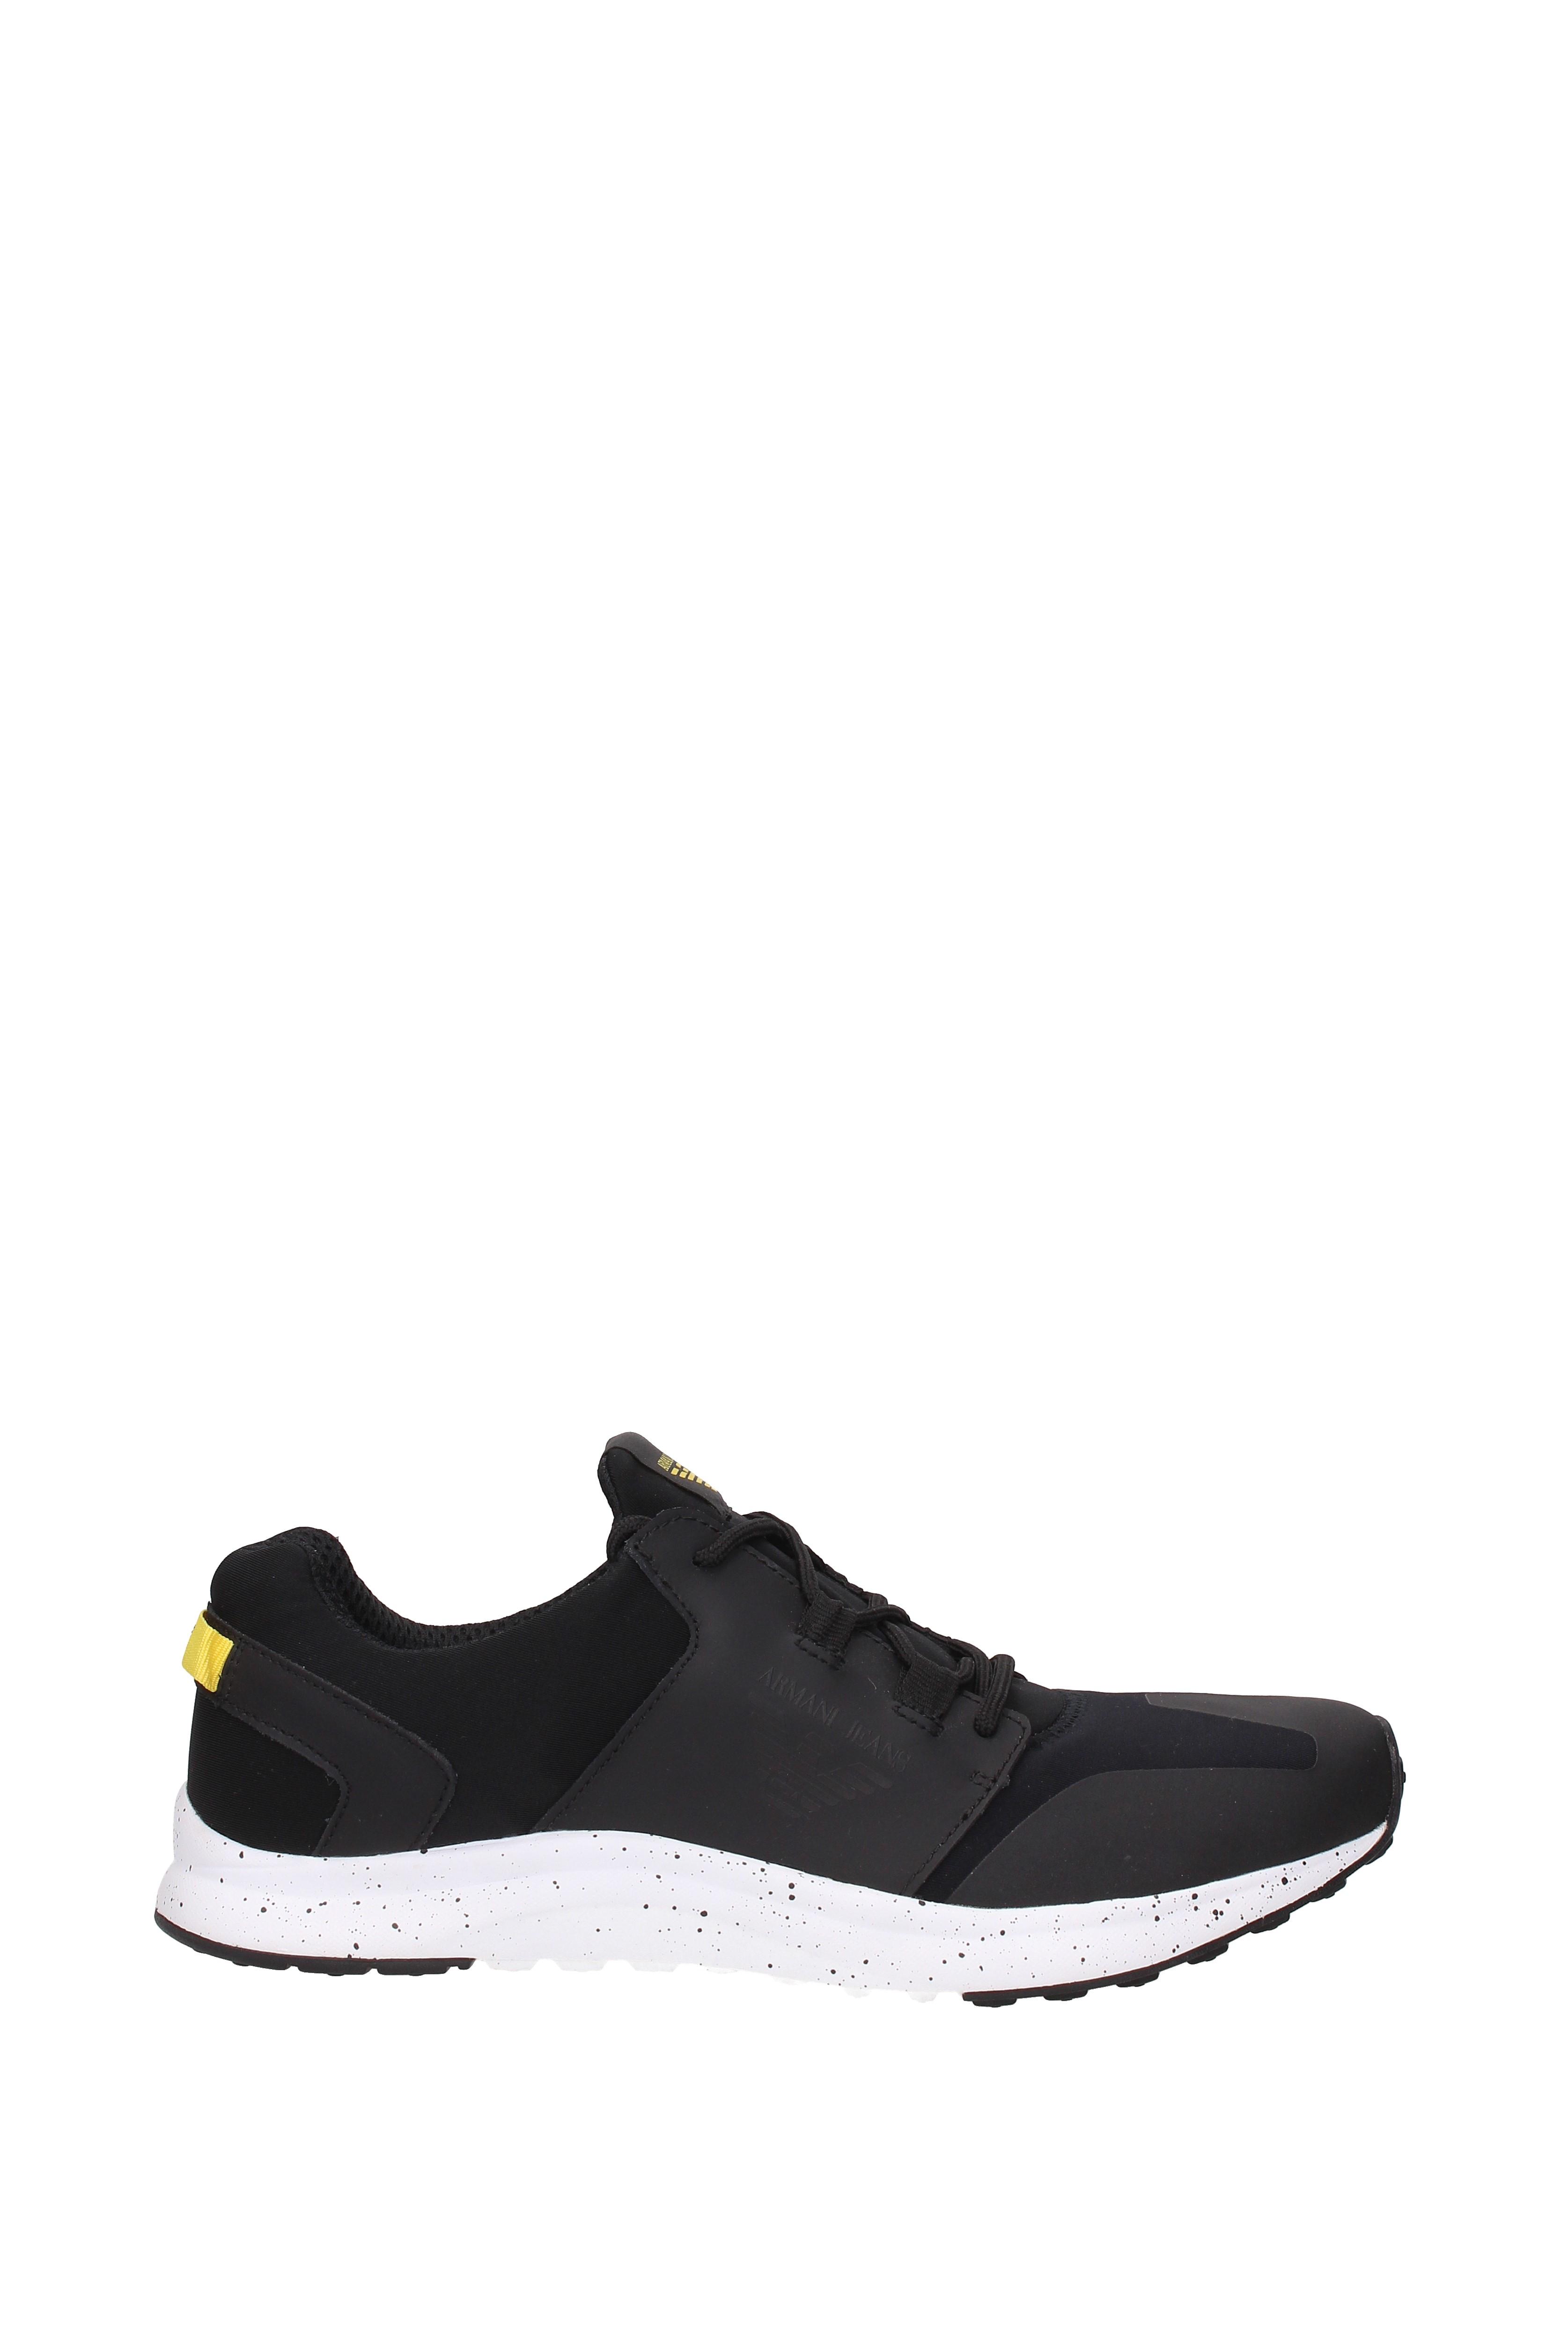 Scarpe casual da uomo  Sneakers Armani Jeans uomo - Fabric  (9350377P416)